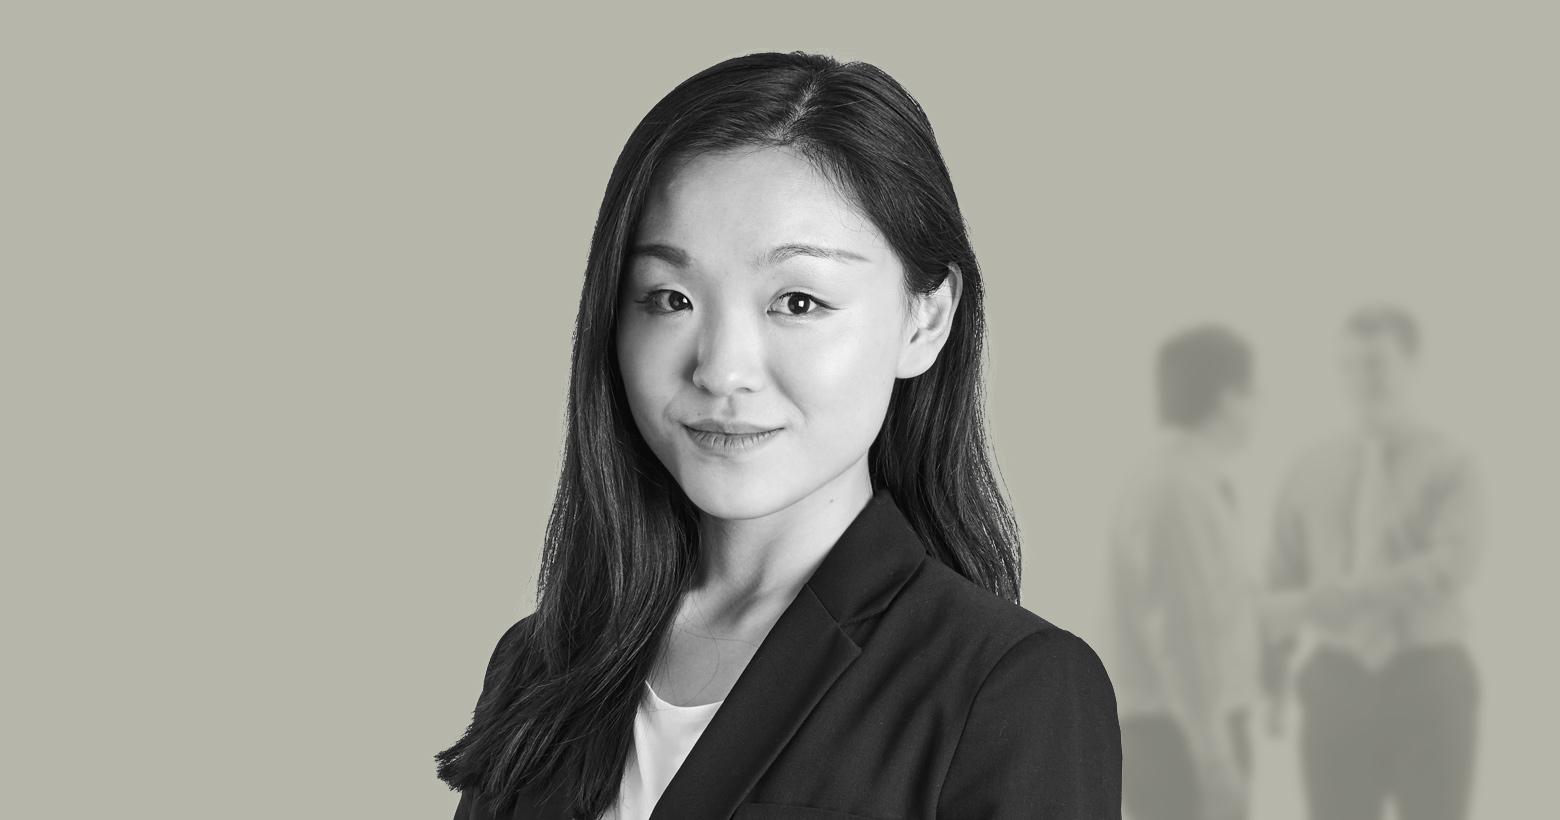 Meiyi Lu